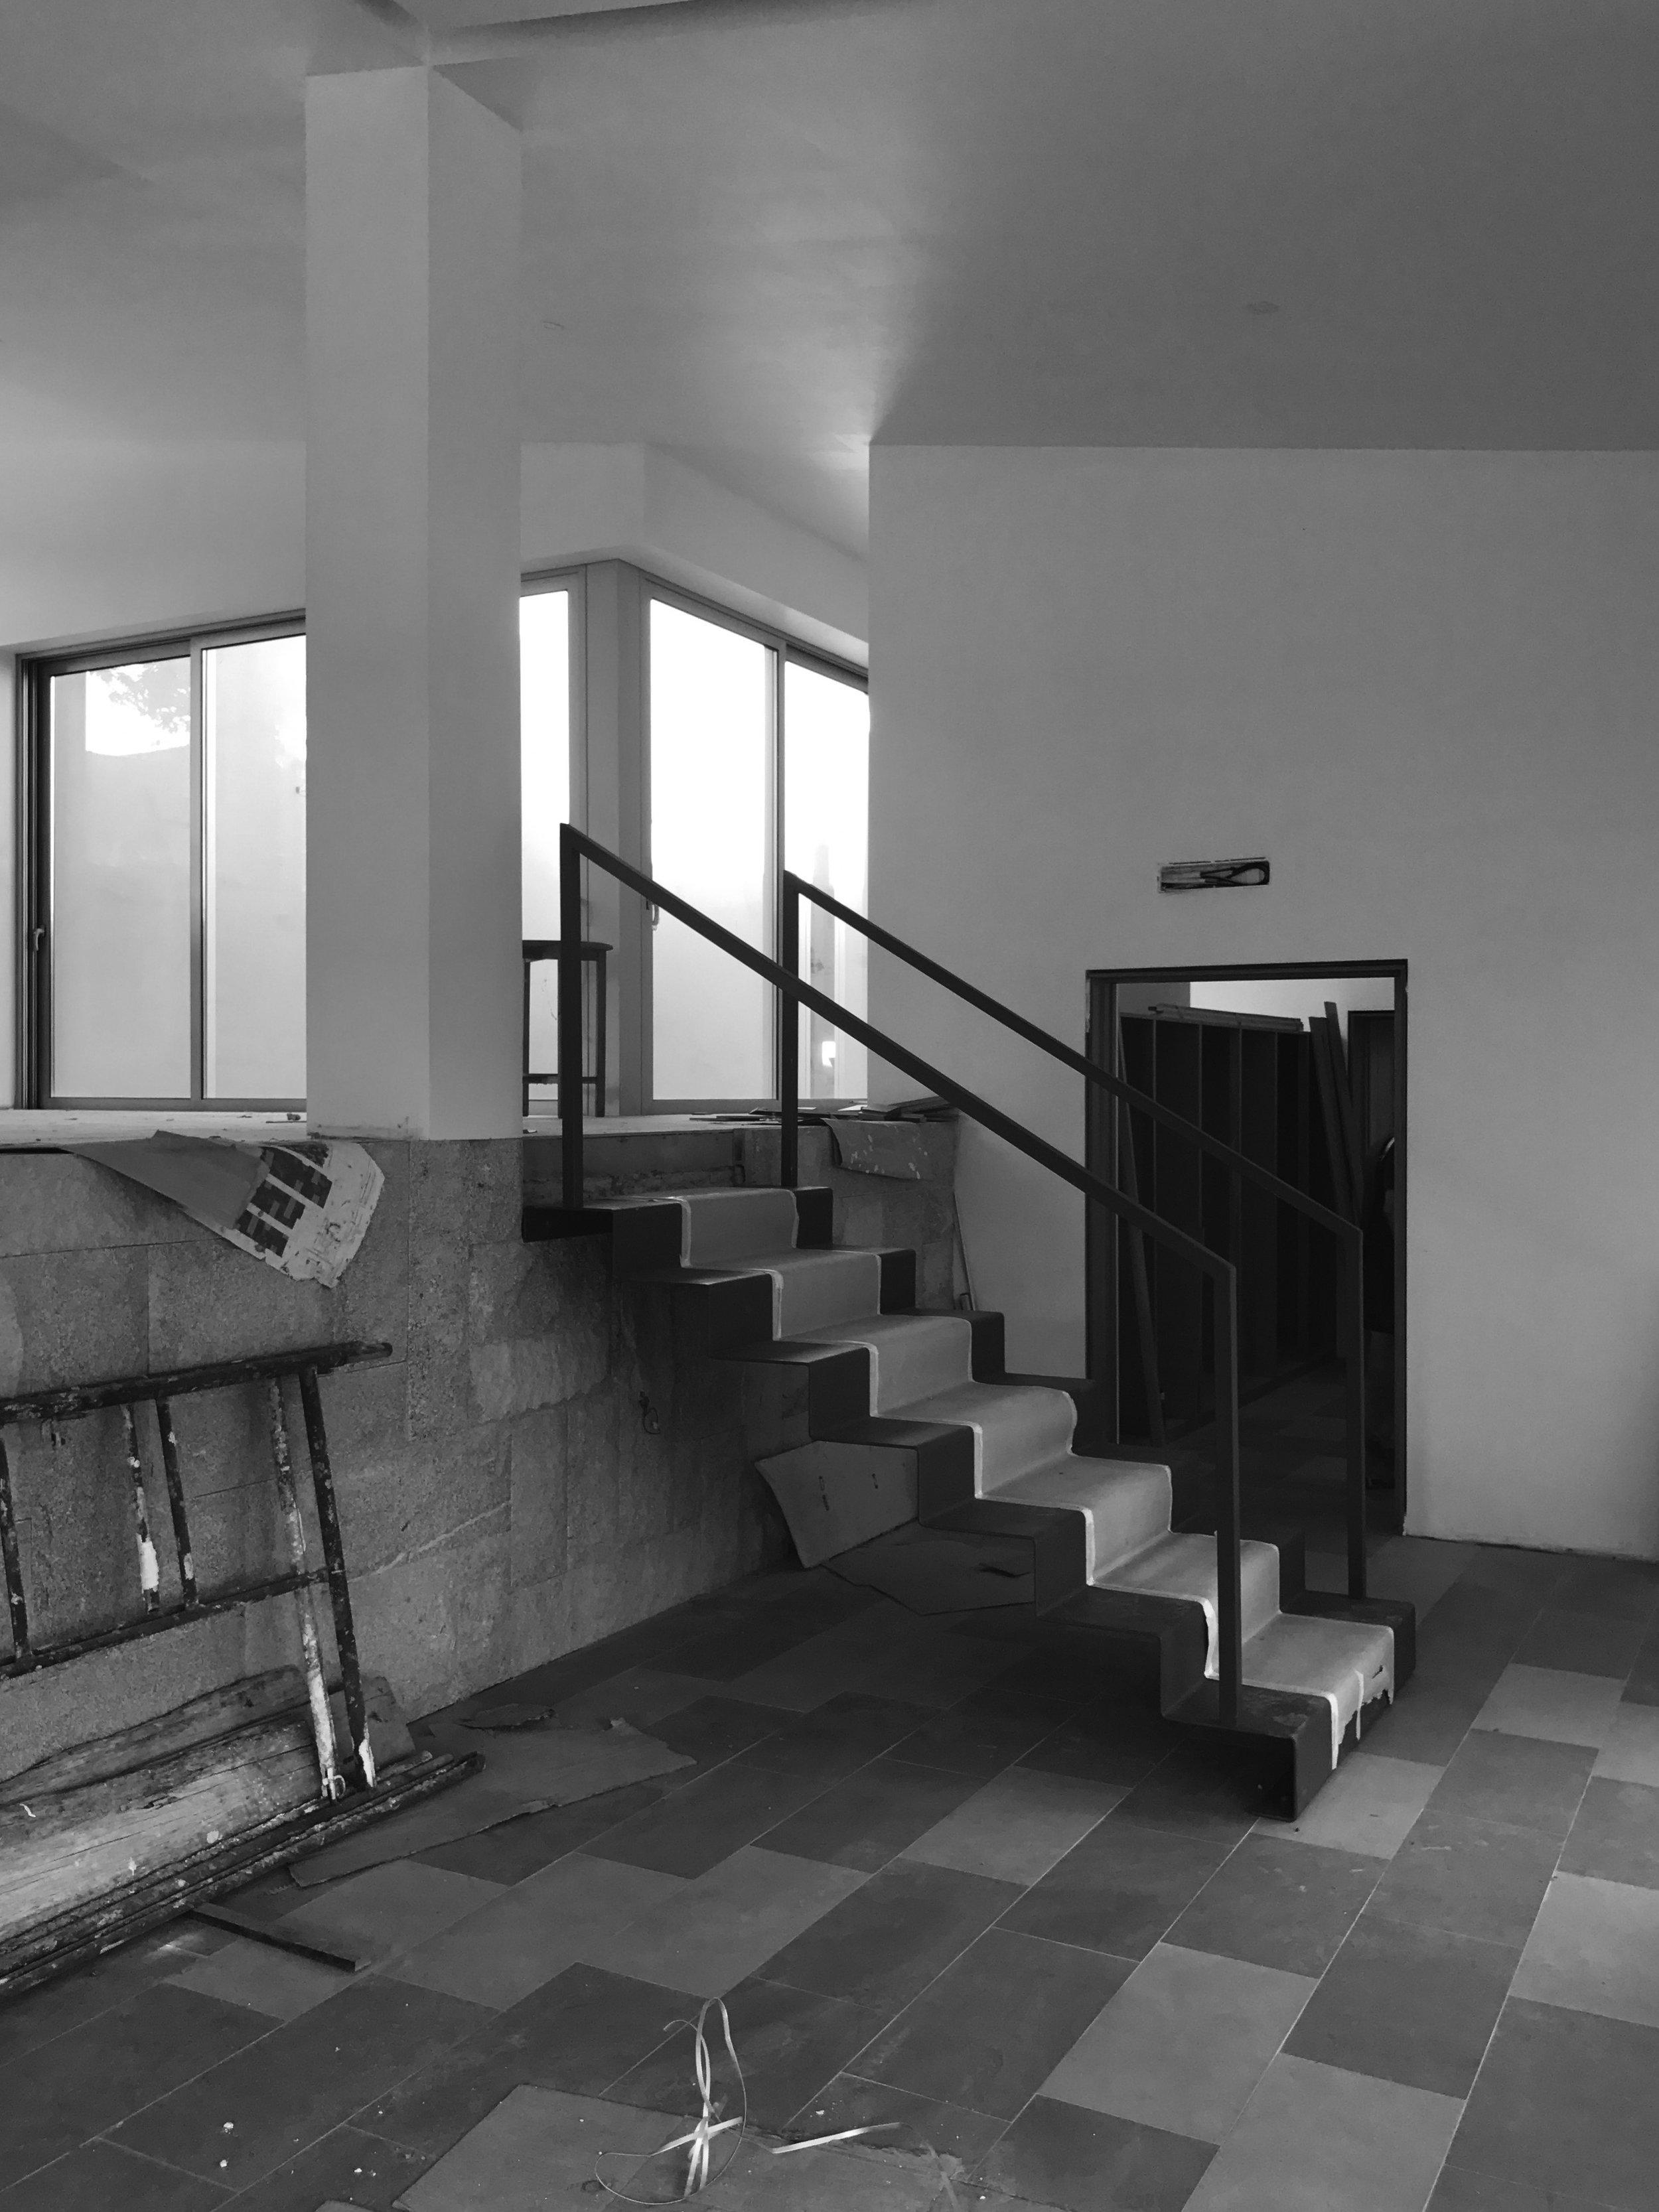 Moradia S+N - arquitectura - arquitectos - porto - oliveira de azemeis - construção - projecto - eva evolutionary architecture (2).jpg